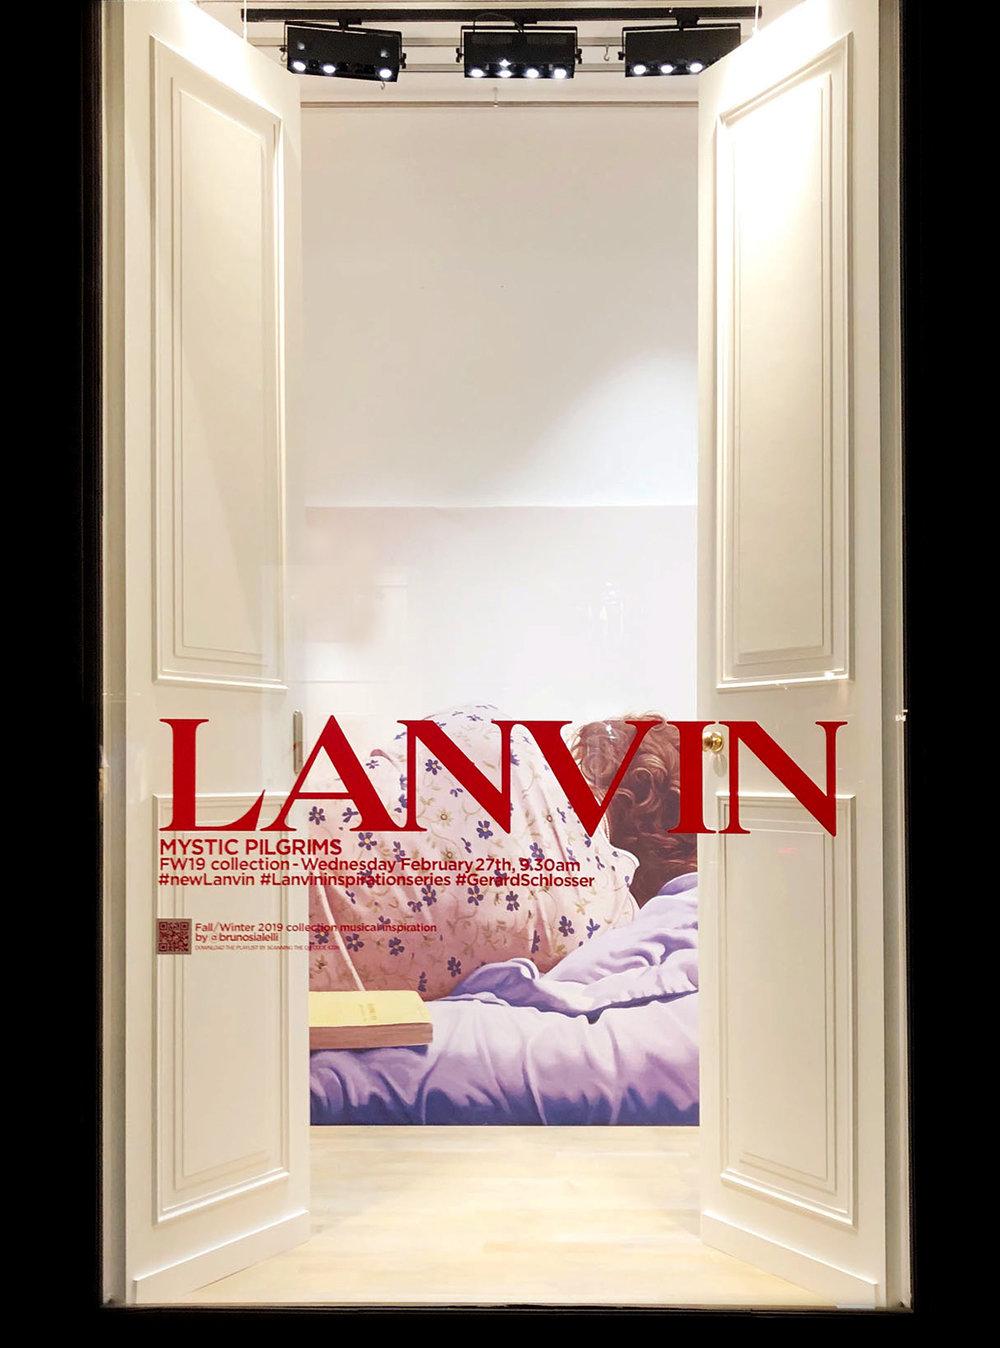 present-gallerie_lanvin5.jpg